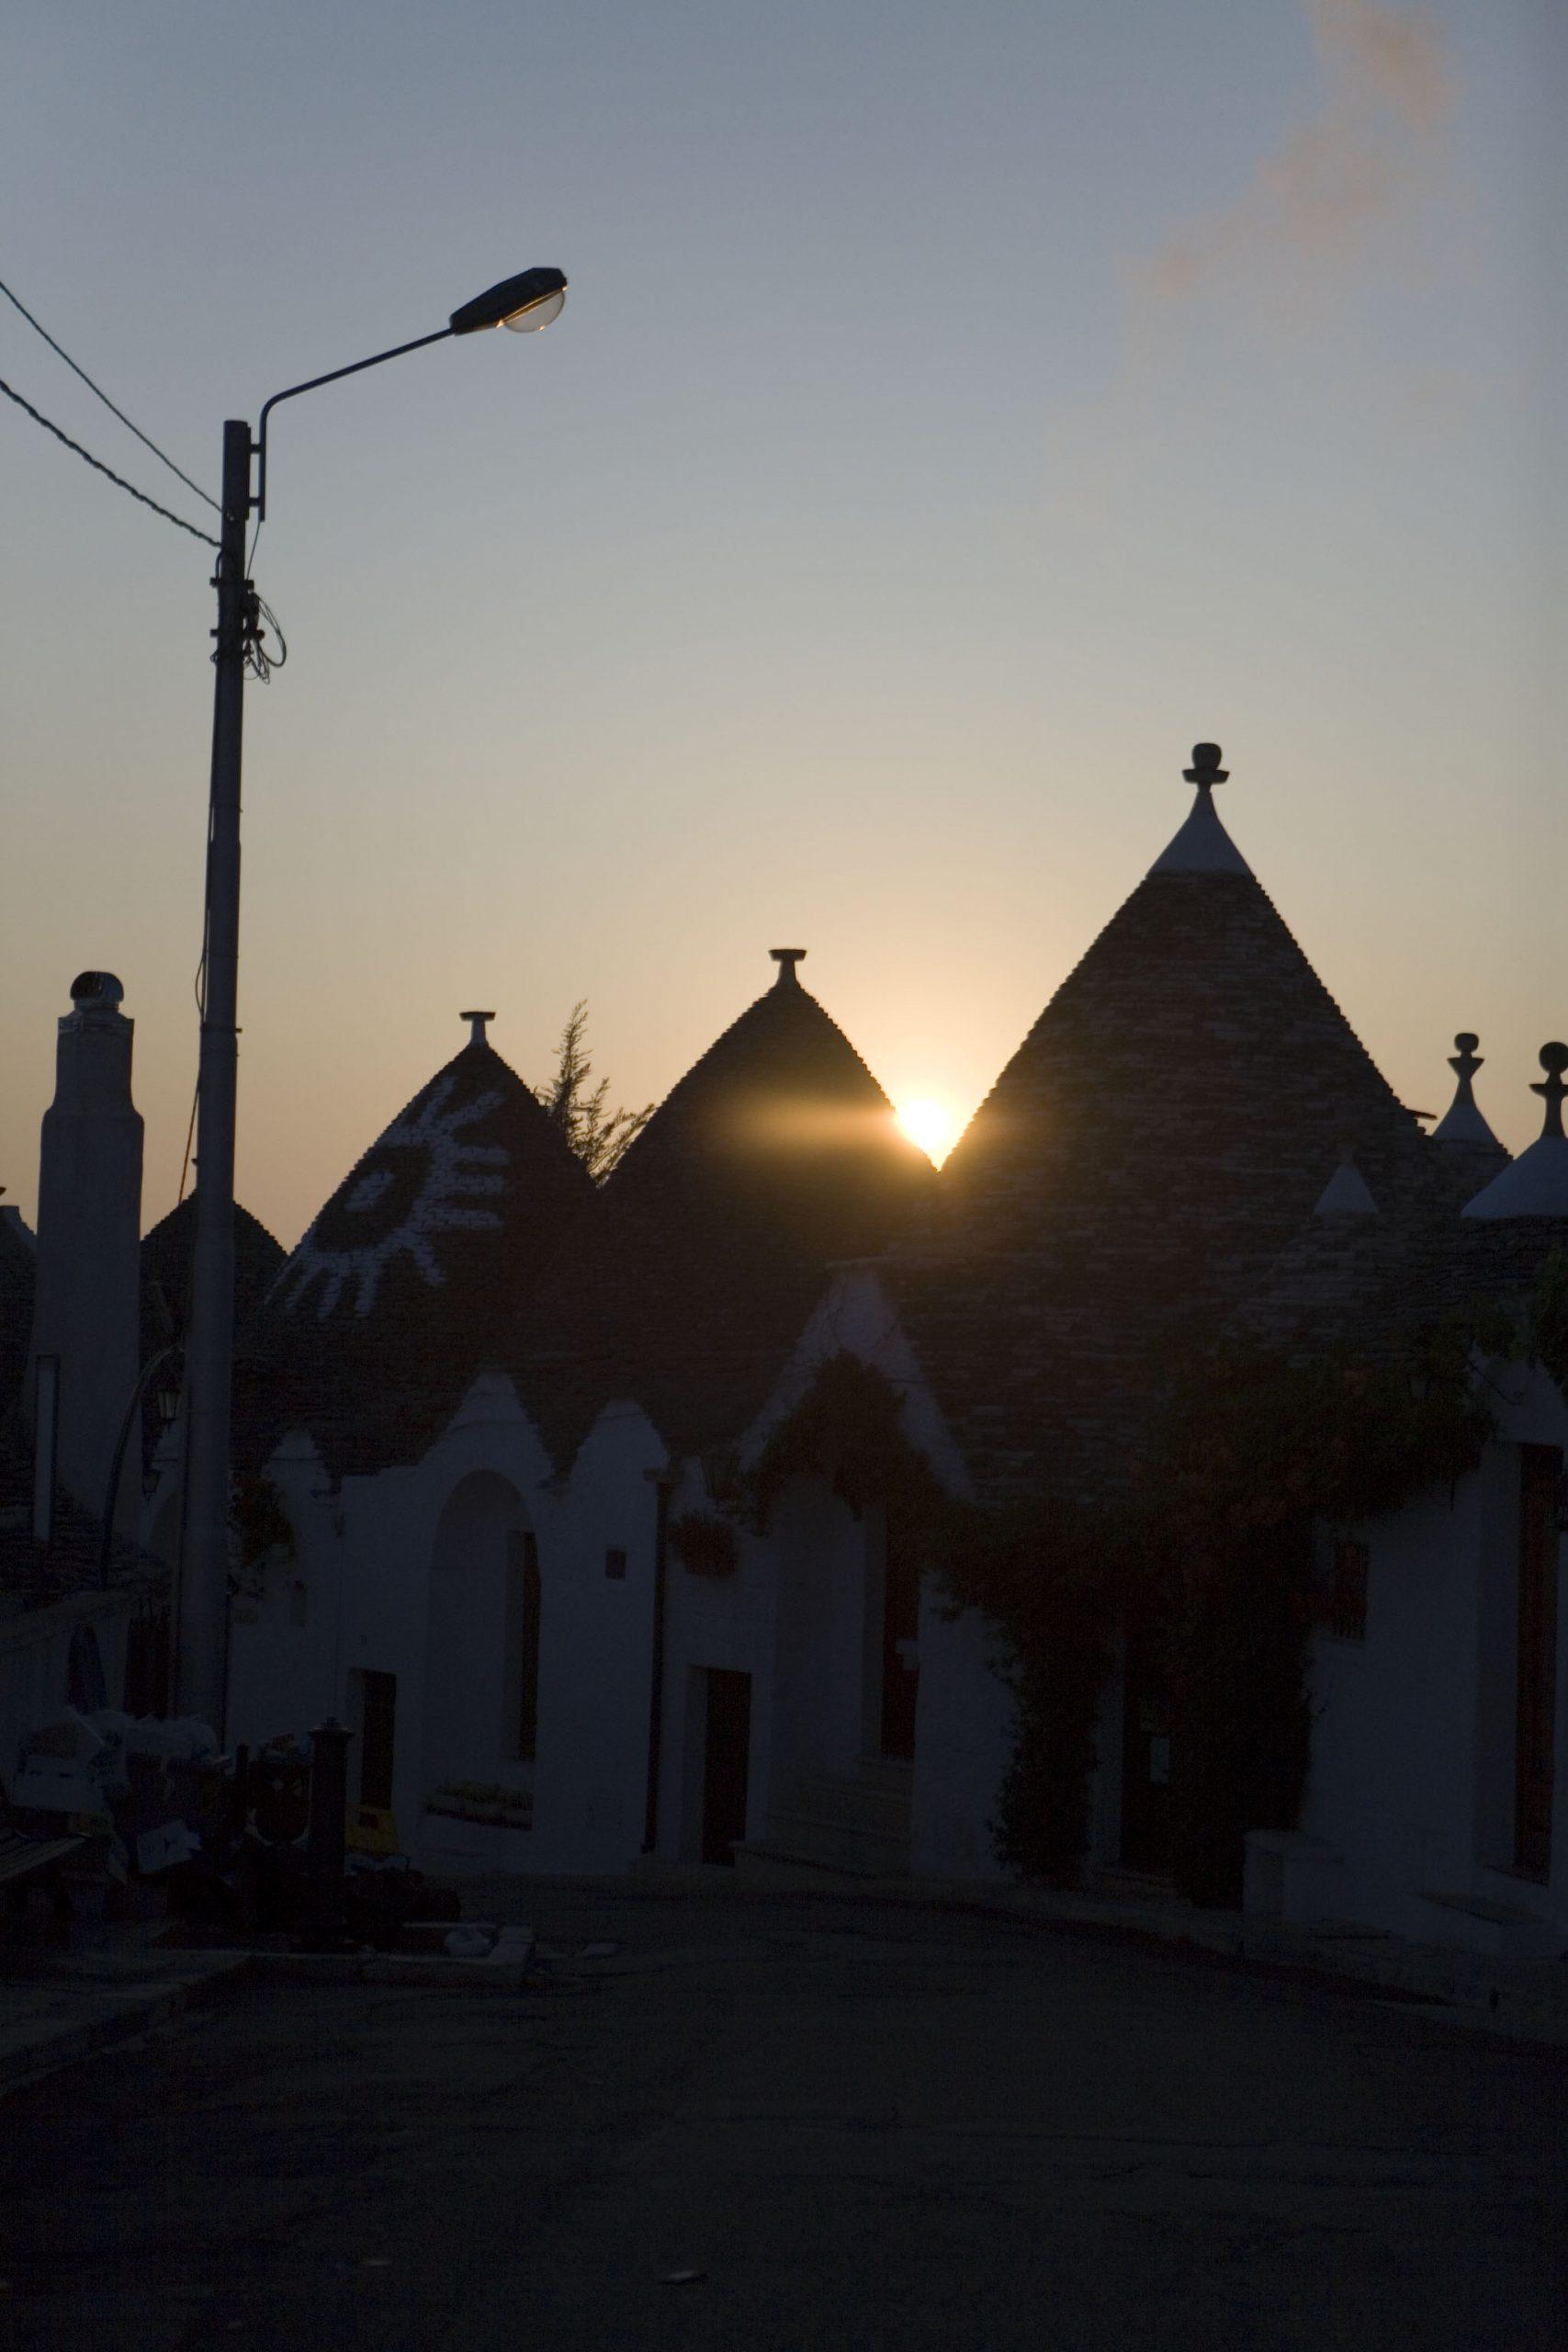 トゥルッリの街に朝が来る